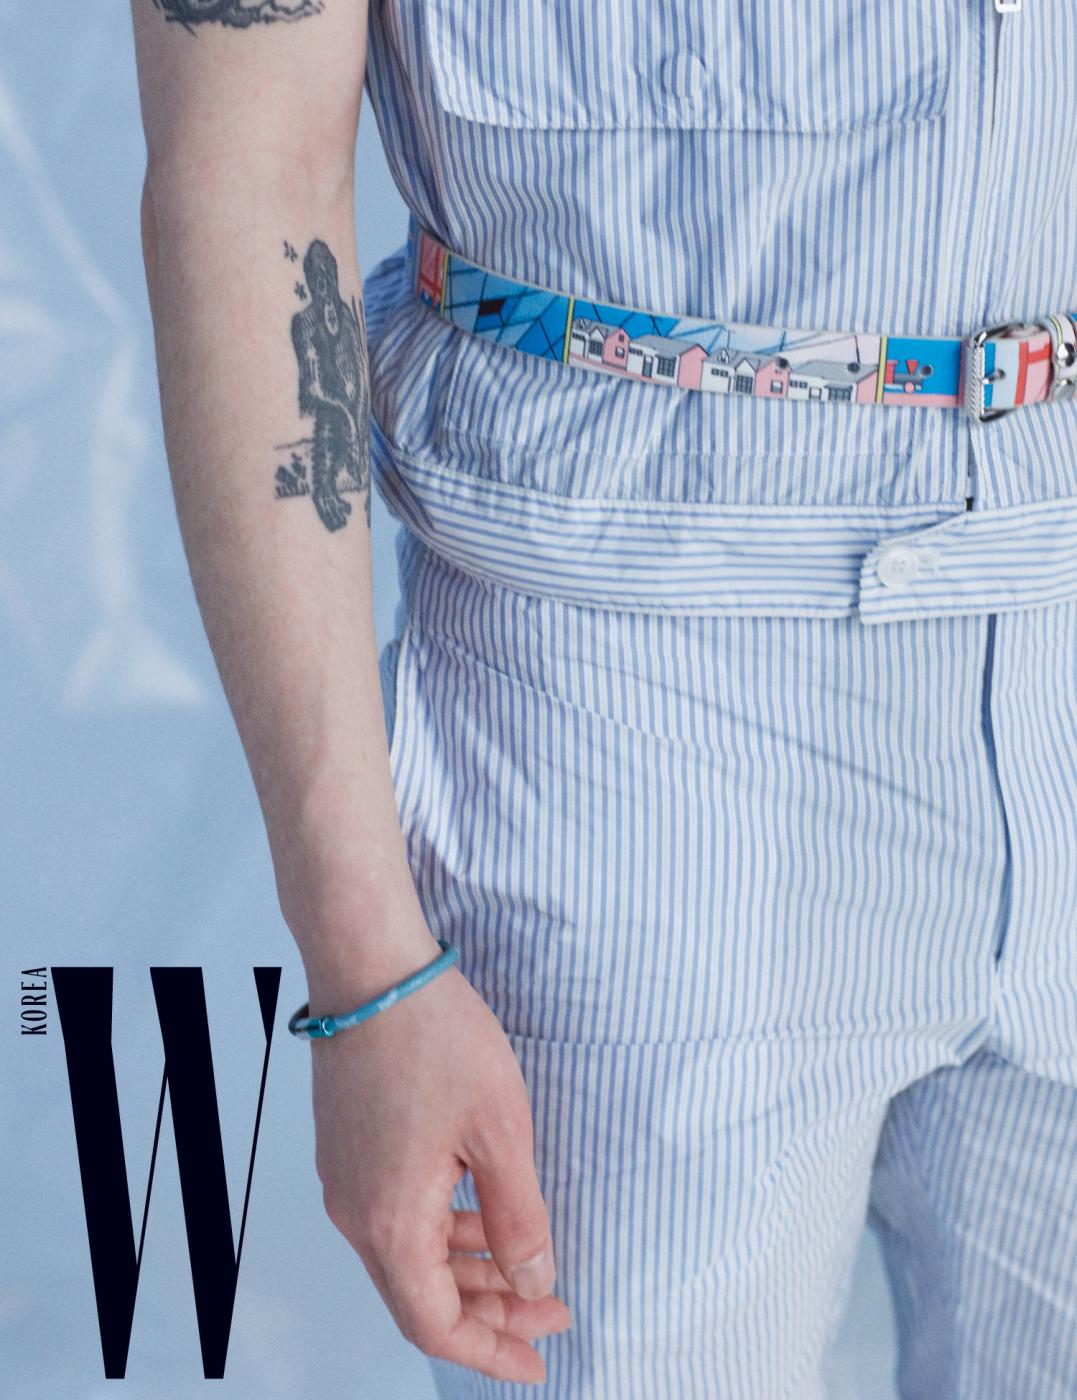 줄무늬 셔츠, 팬츠, 벨트는 모두 프라다 제품. 팔찌는 루이 비통 제품.